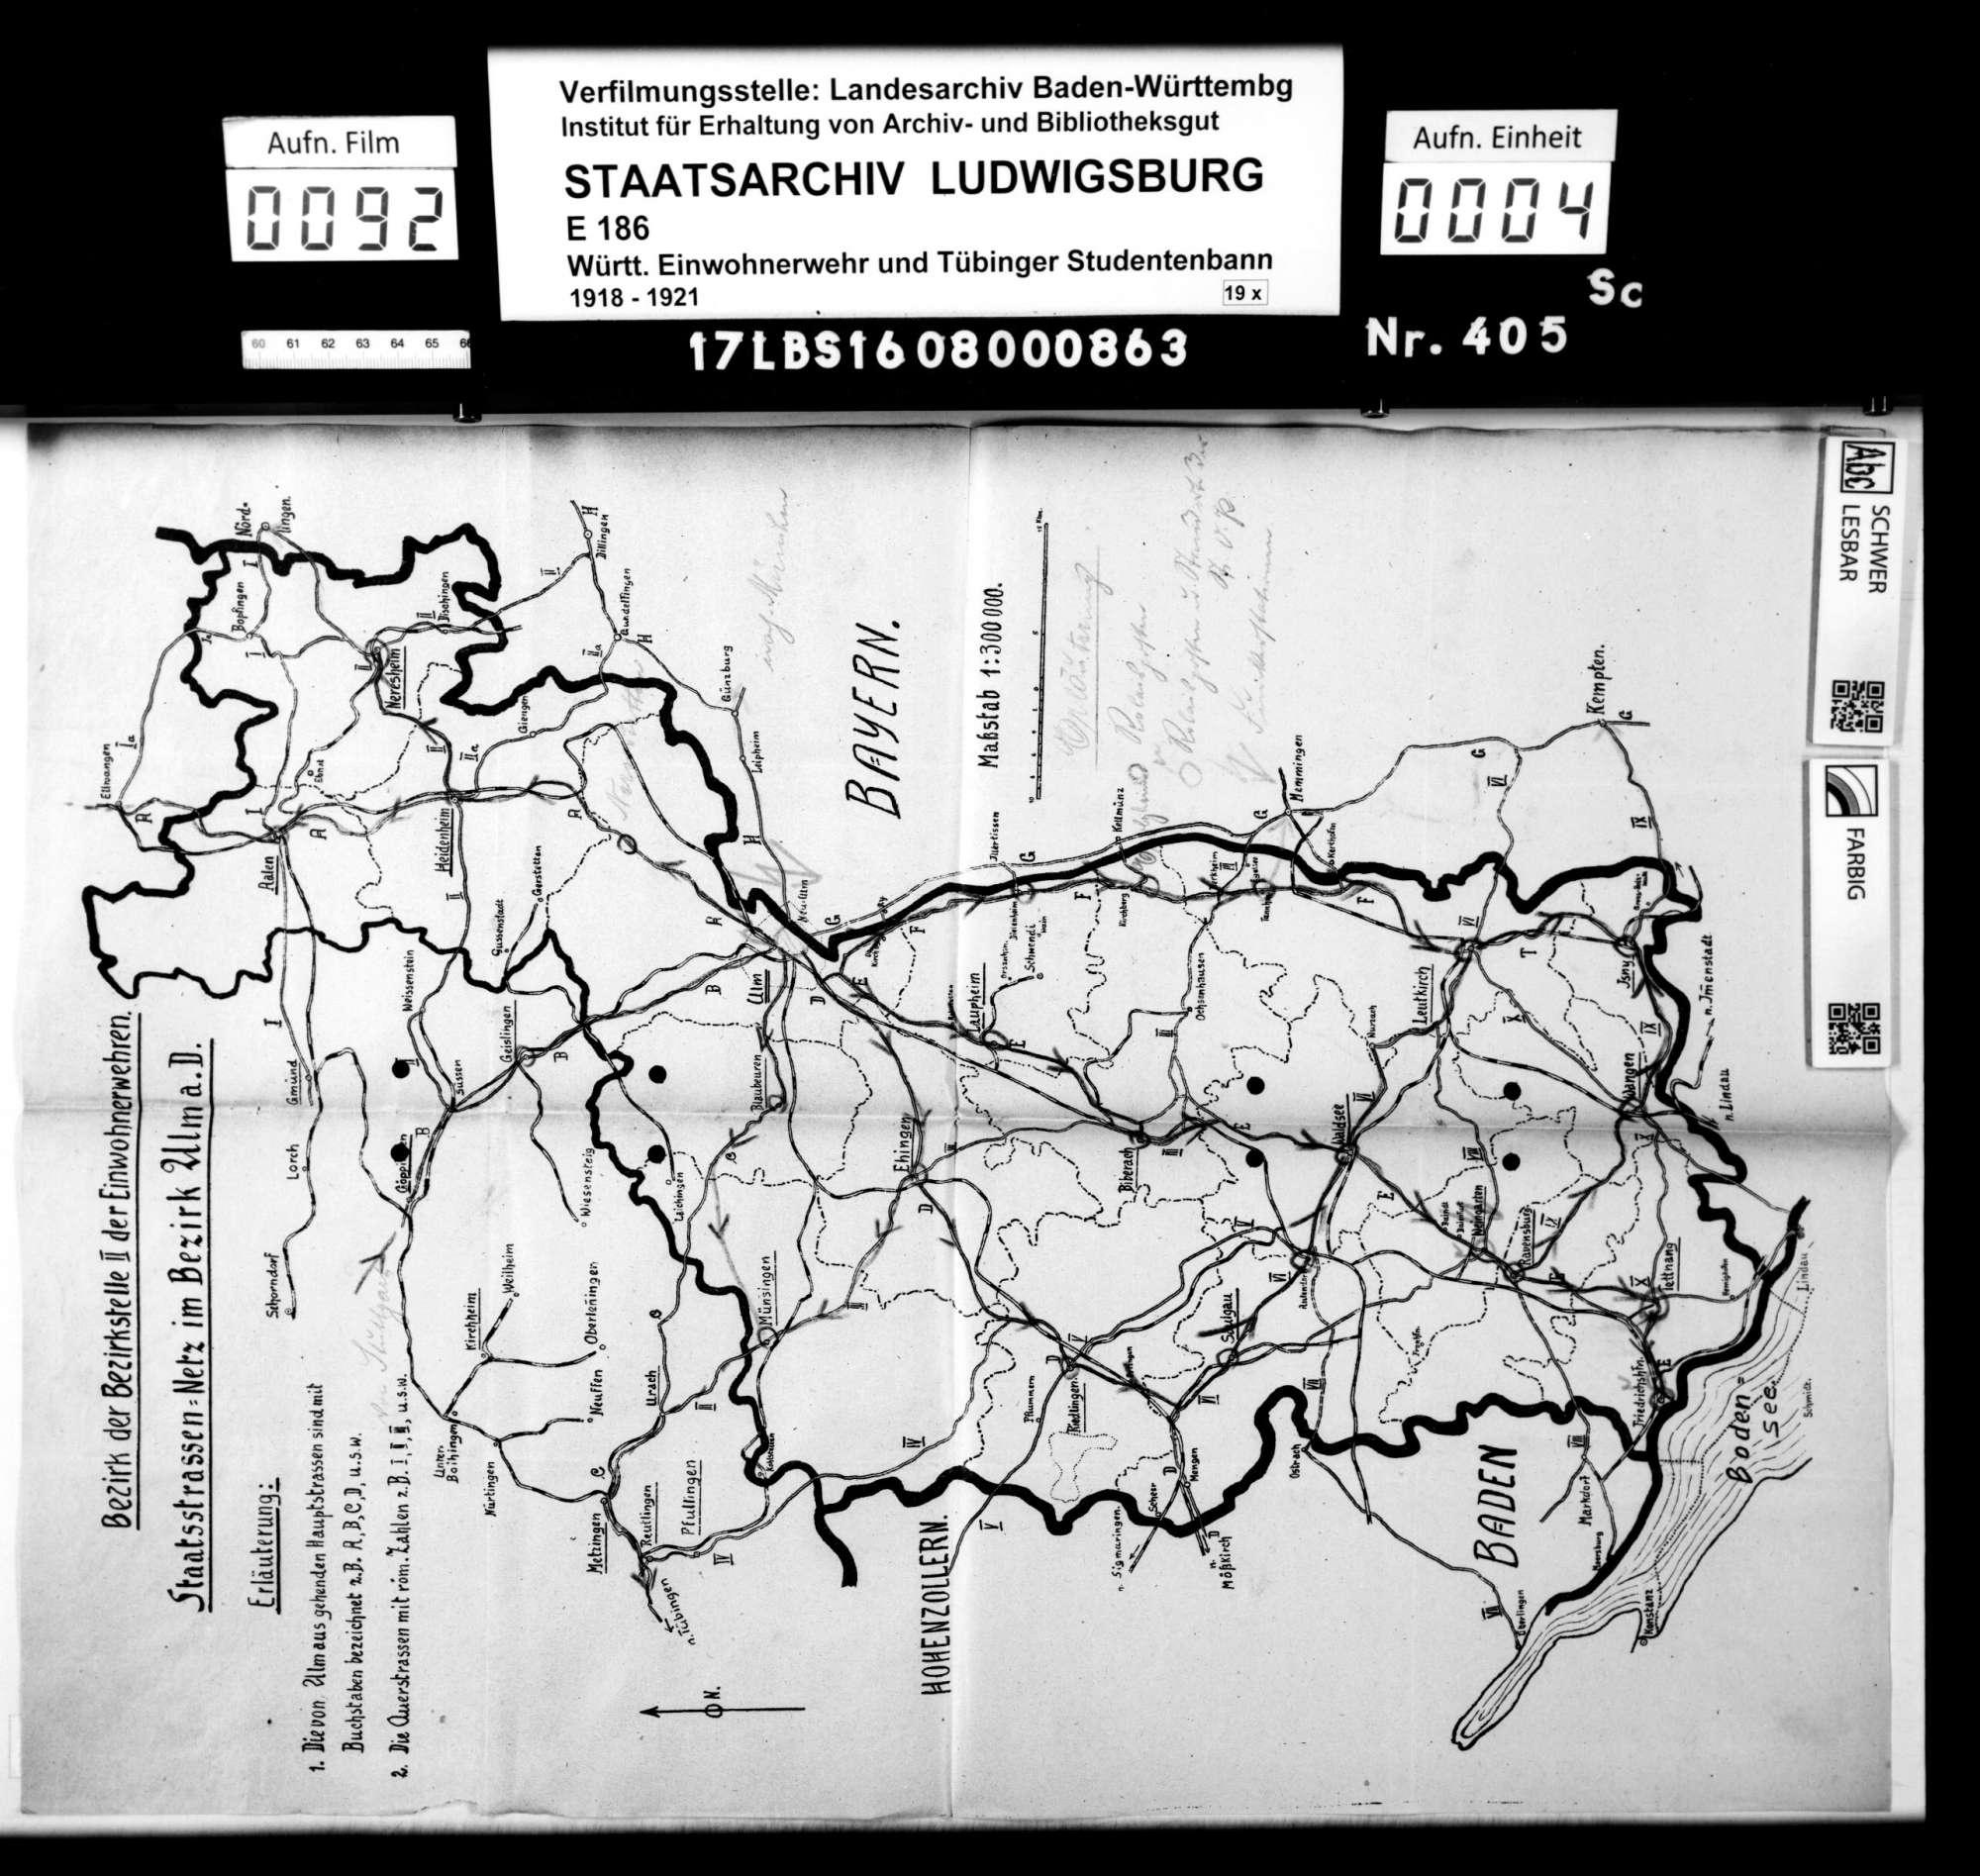 Verfügungen der Hauptstelle für Einwohnerwehren Württembergs, Mitteilungen der Hauptstelle und der Bezirksstelle 2 Ulm, Wochenberichte, Bild 2